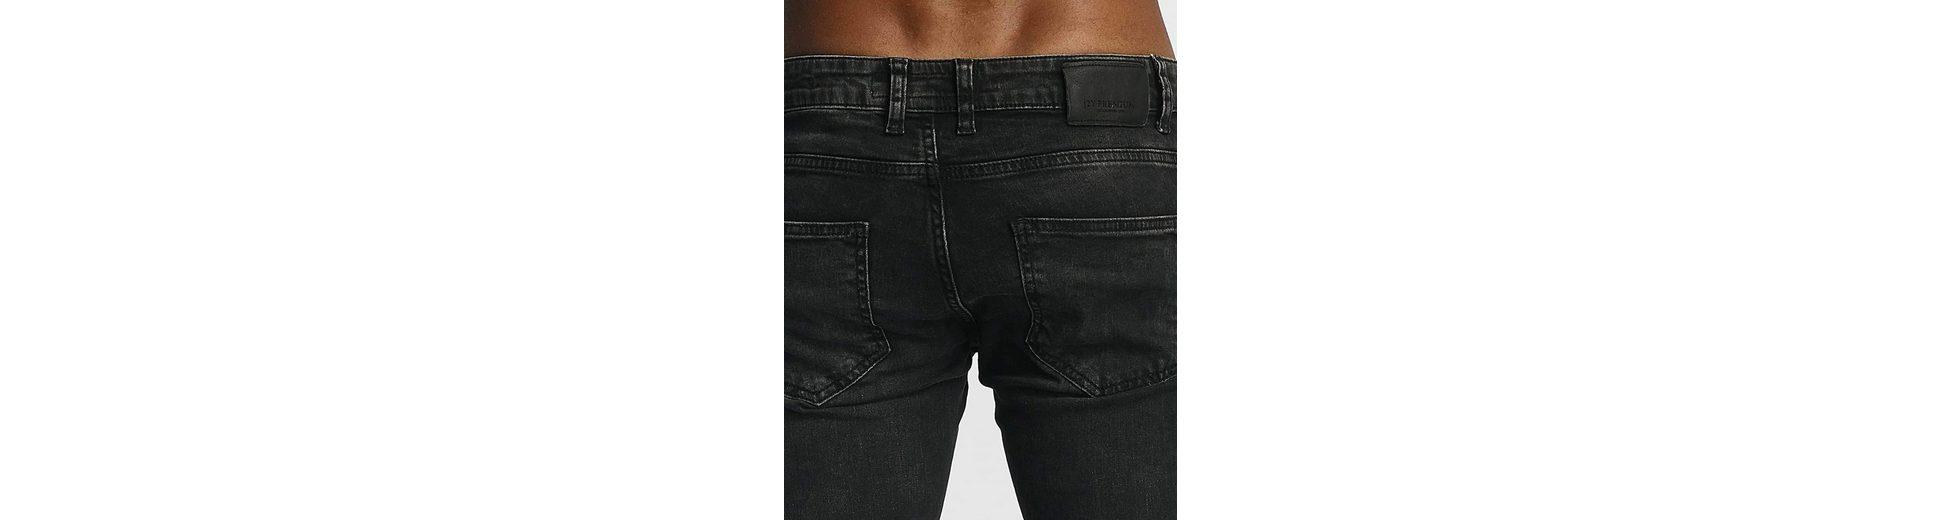 Auslass Besuch Neu 2Y Premium Slim-fit-Jeans Thomas Erkunden Günstigen Preis tXYKT